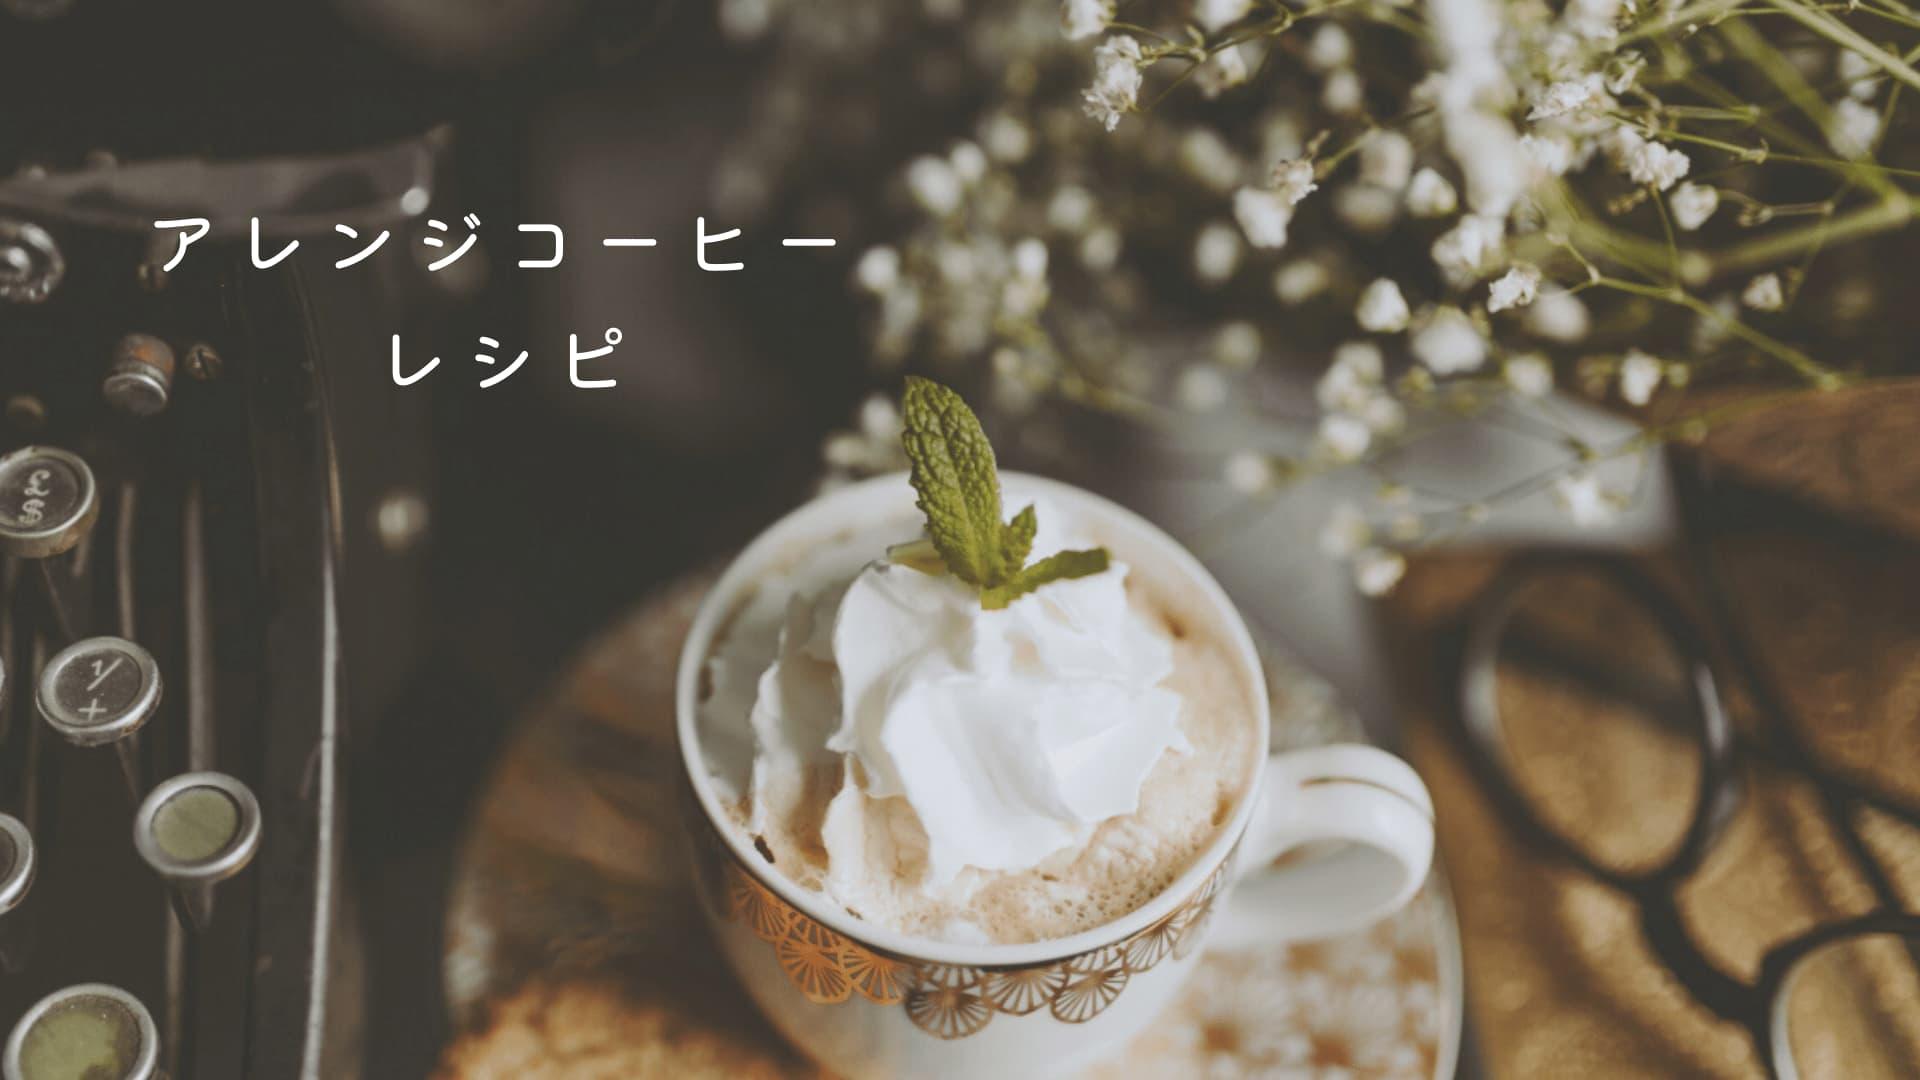 アレンジコーヒーレシピ